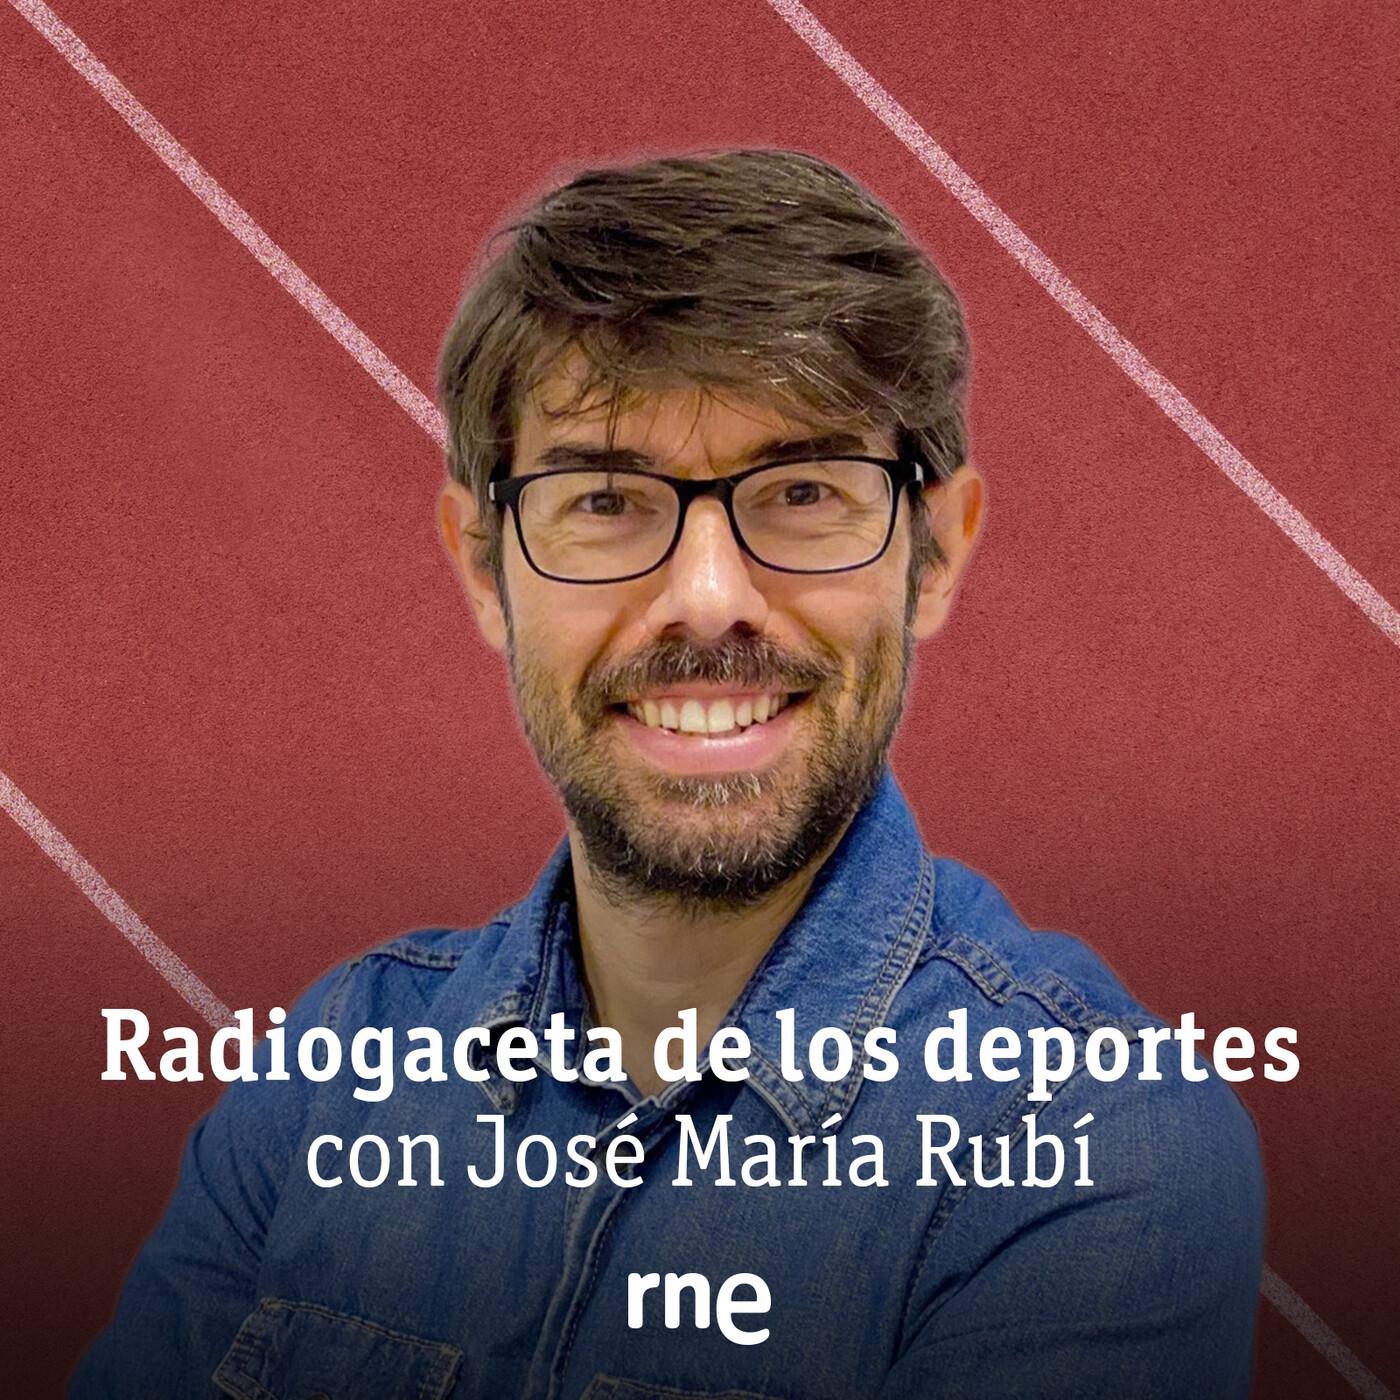 Radiogaceta de los deportes - 19/10/20